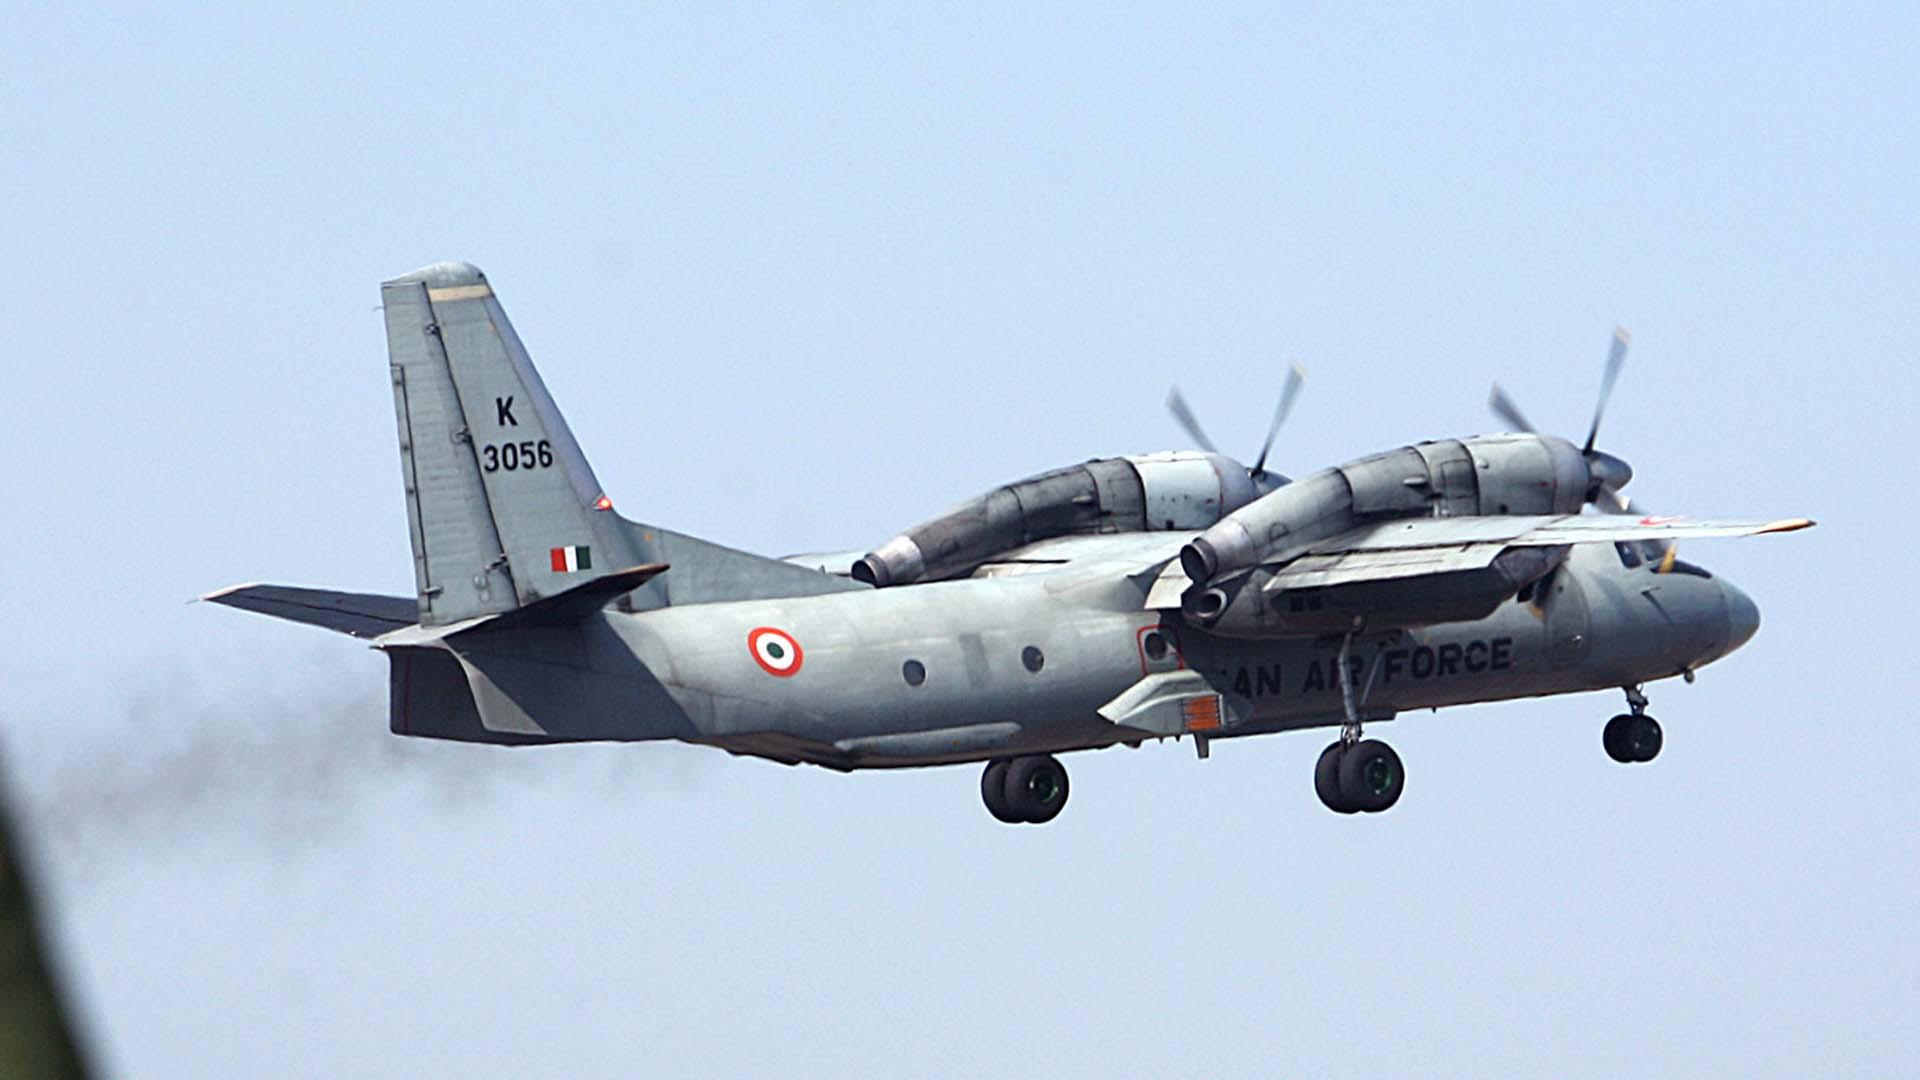 El aparato, del tipo AN-32, despegó a las 08:30 con 29 personas a bordo, se comenzaron las labores de busqueda